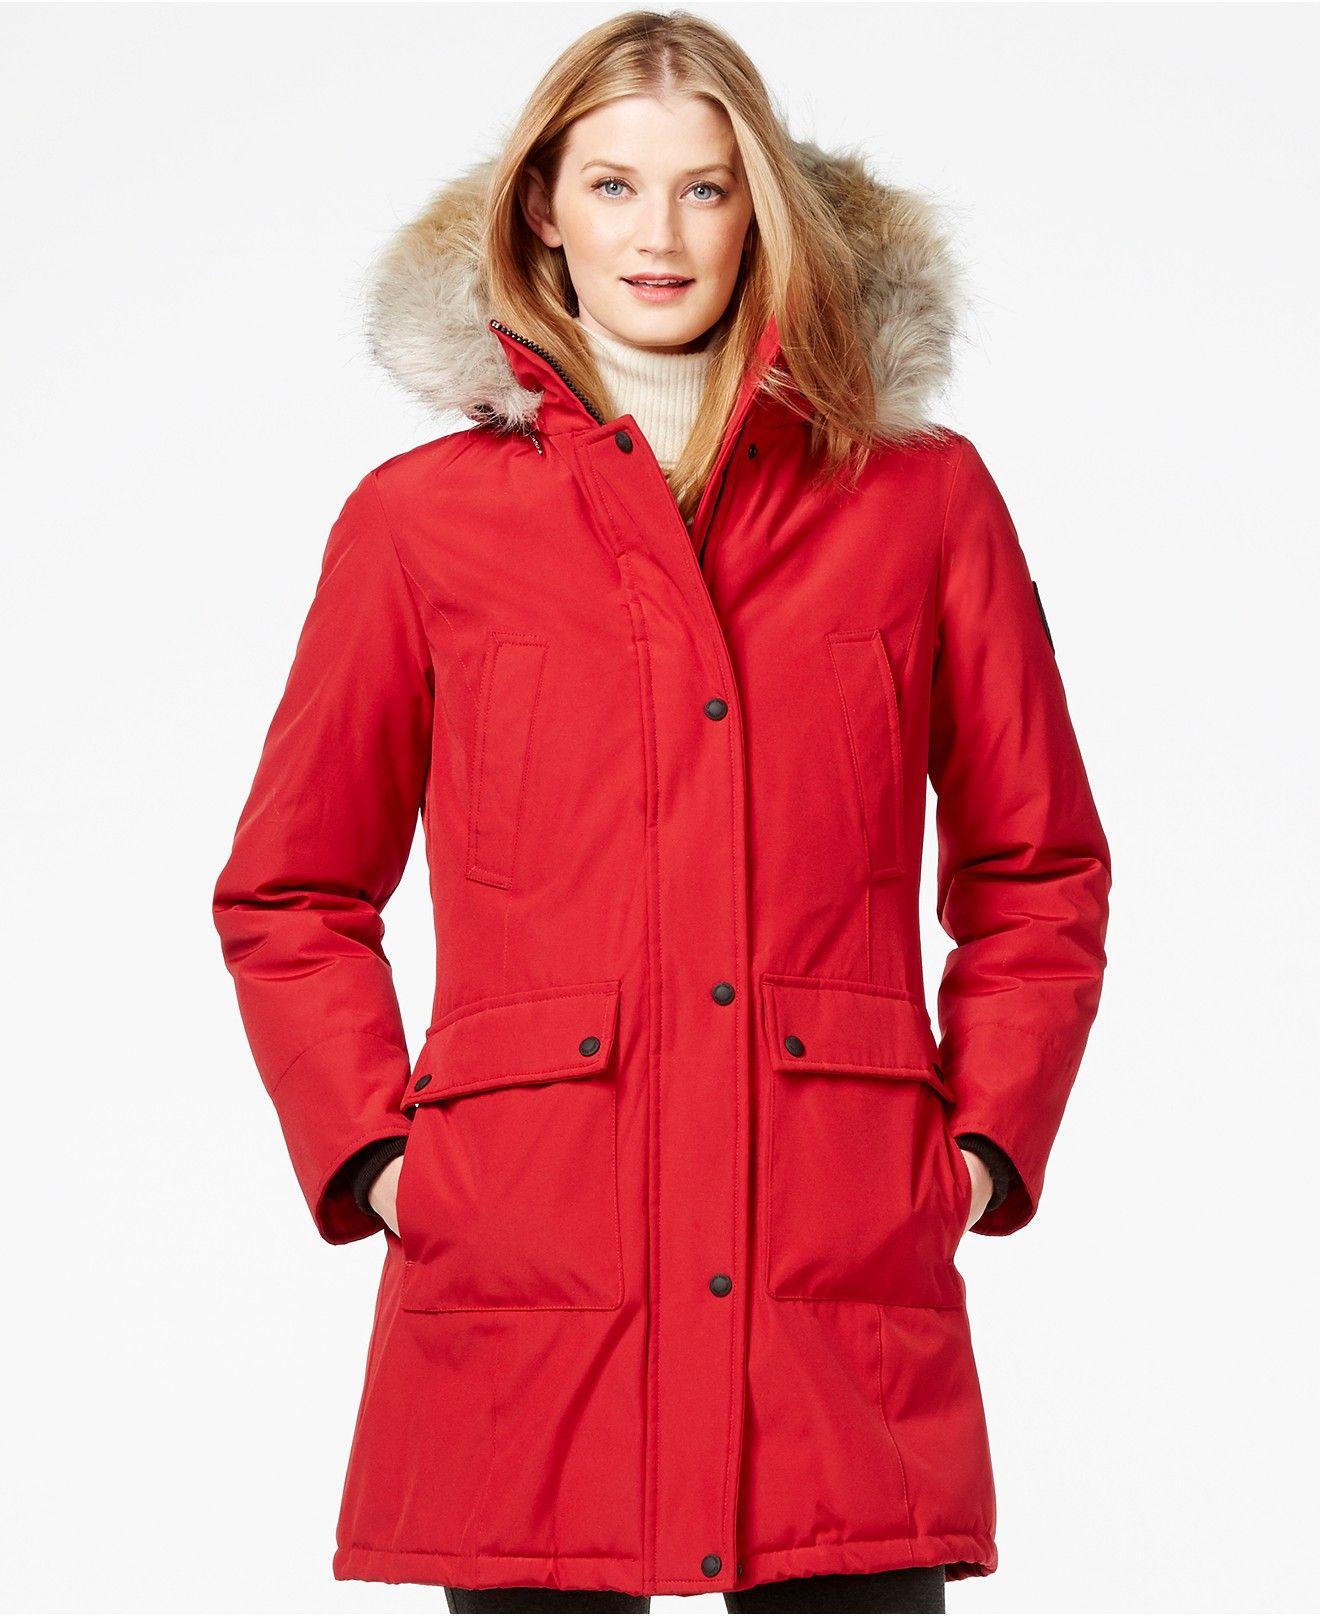 Calvin Klein Faux-Fur-Trim Water-Resistant Parka - Coats - Women ...